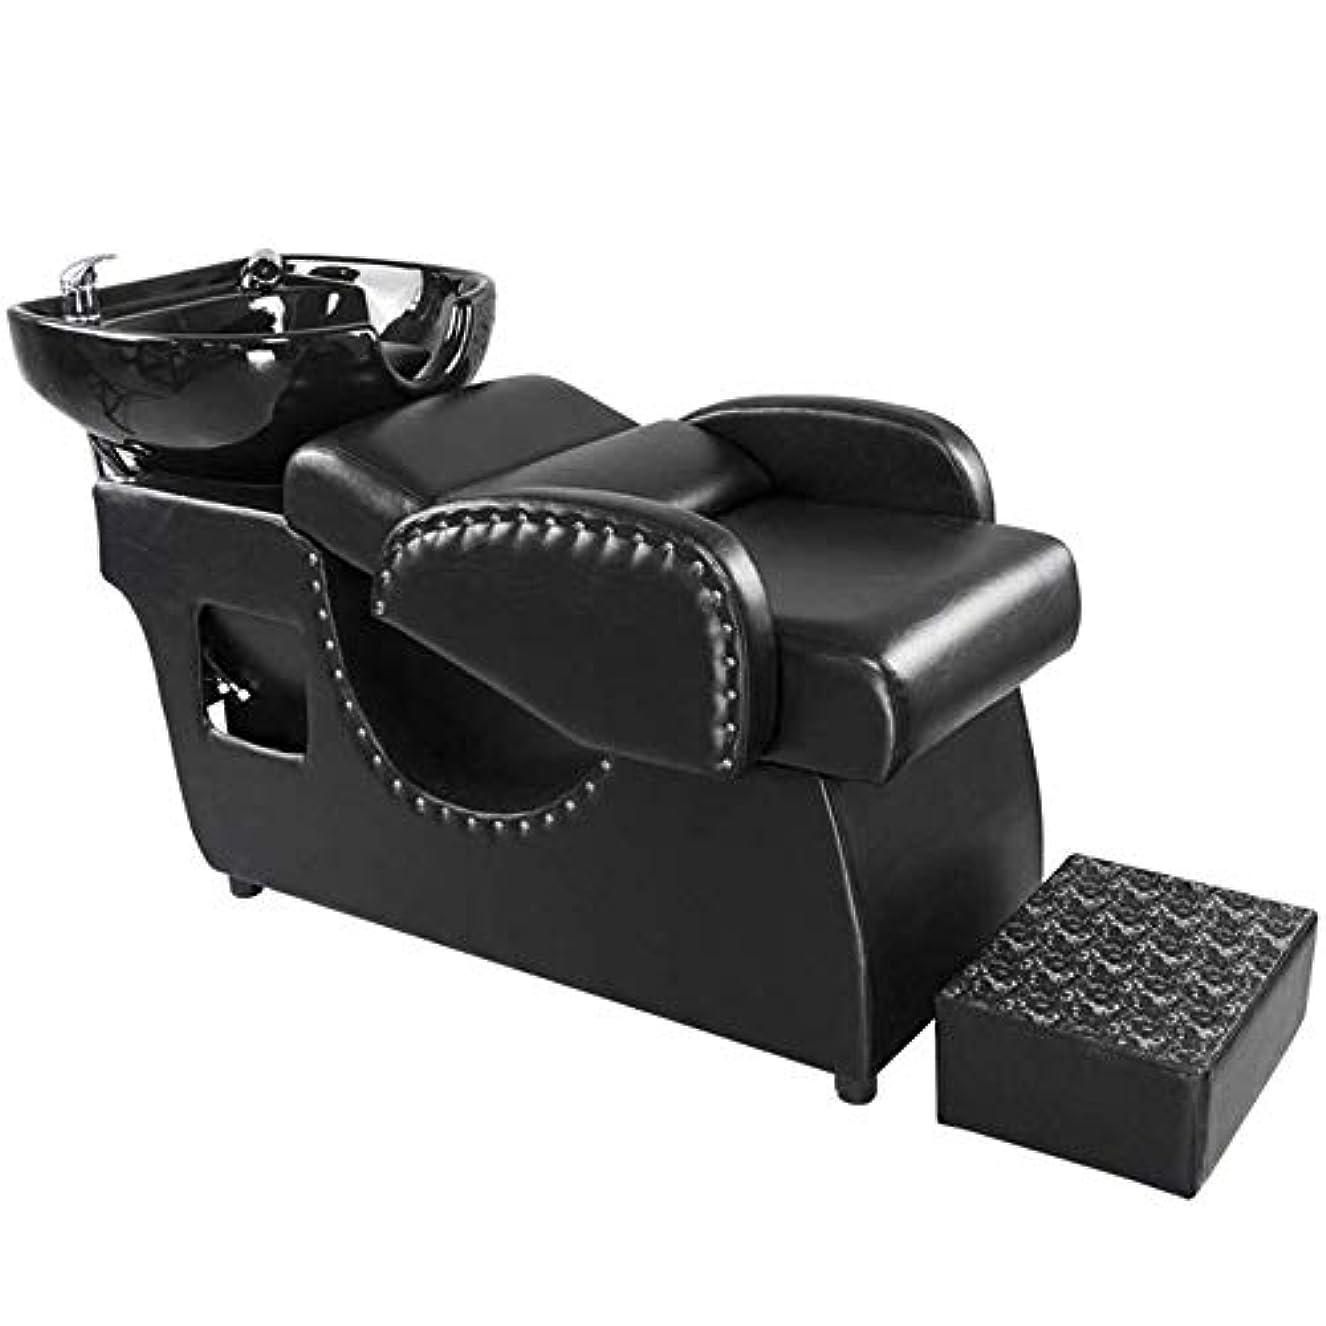 影響する等価マイクシャンプー理容室逆洗椅子、鉱泉の美容院のための陶磁器の洗面器の洗い流すベッドのシャンプーの流しの椅子